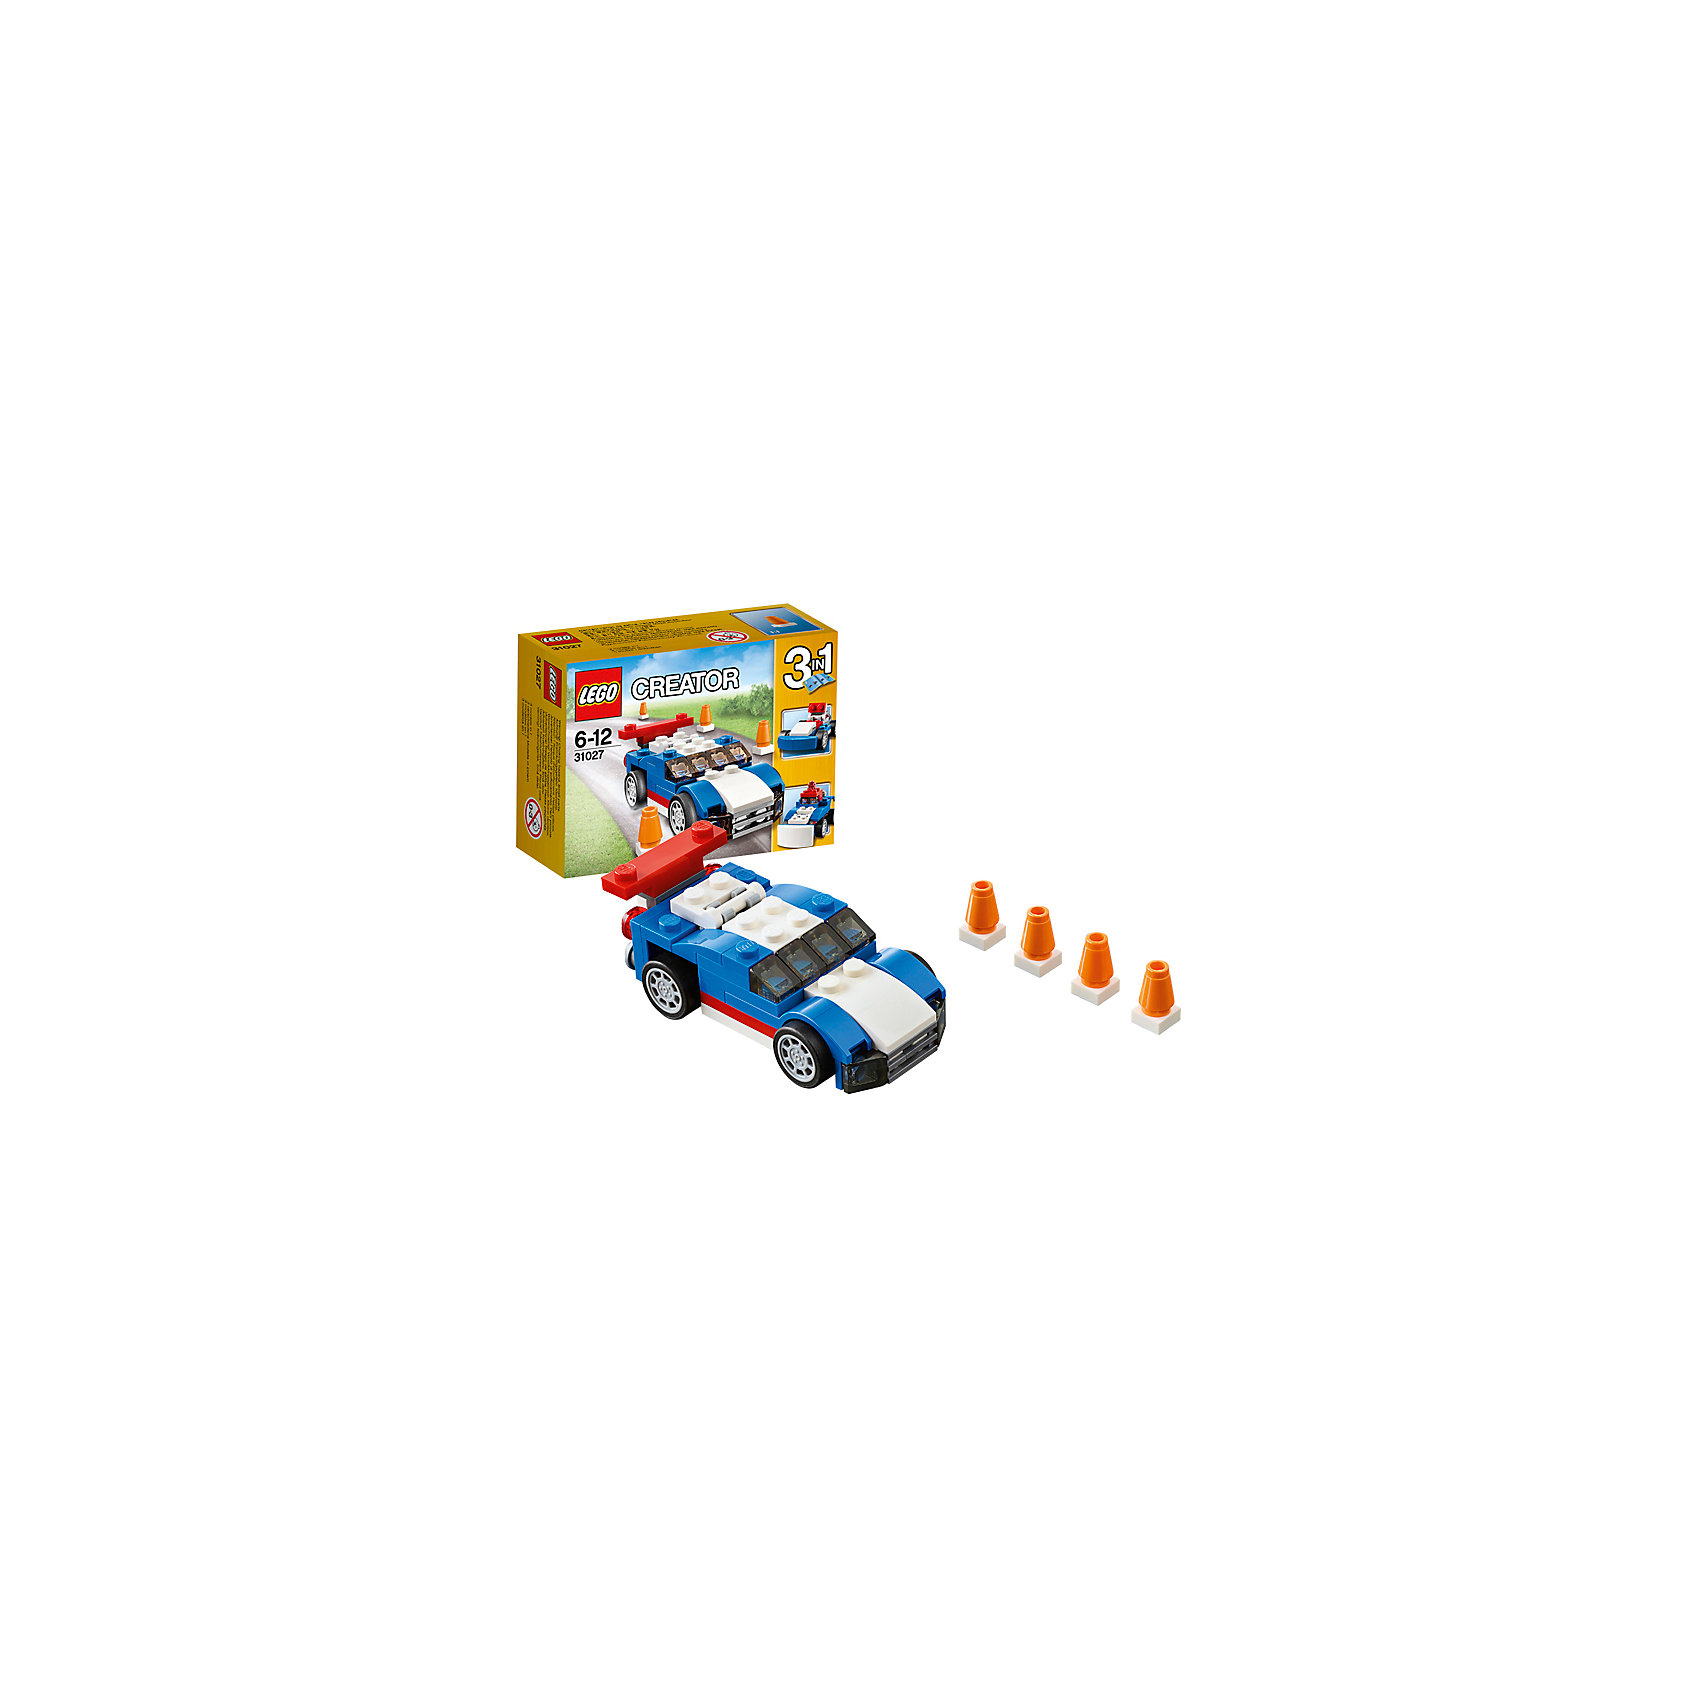 LEGO Creator 31027: Синий гоночный автомобиль